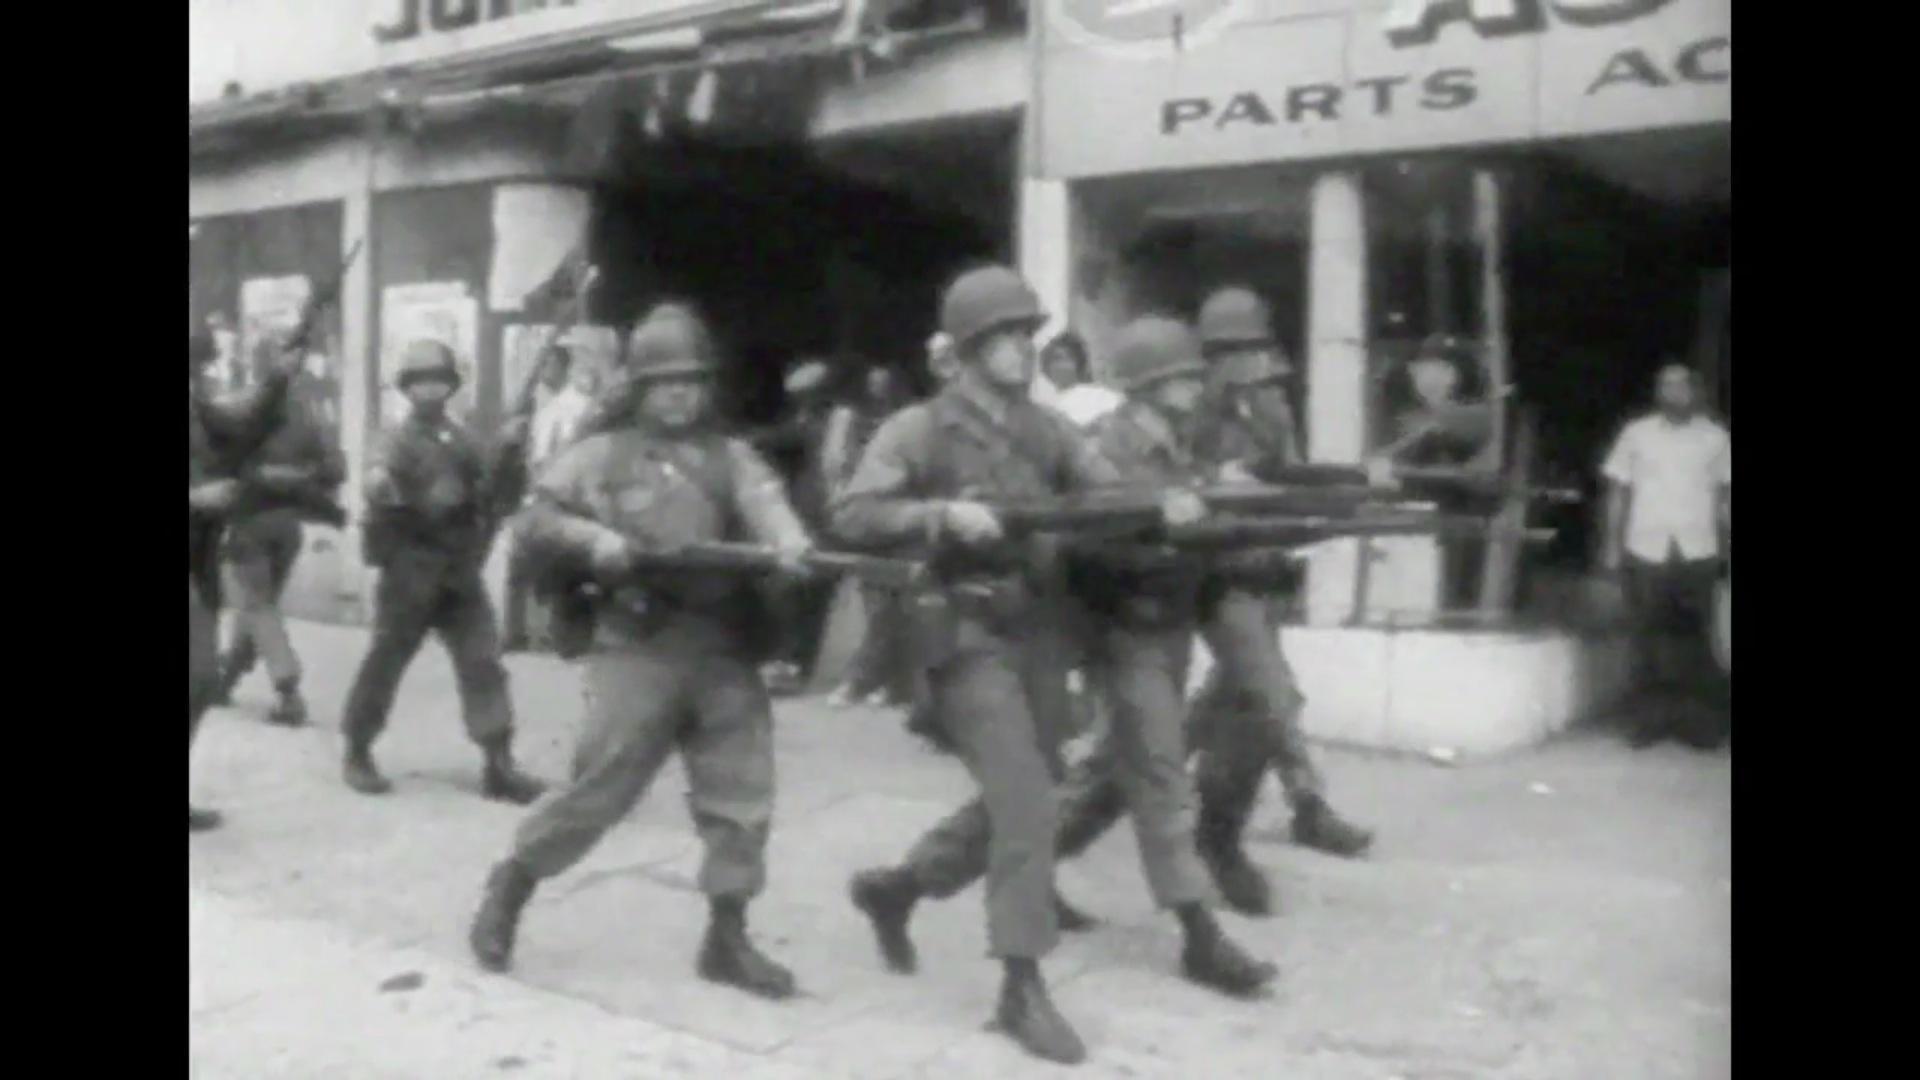 American Revolutionary: Violence vs. Non-Violence